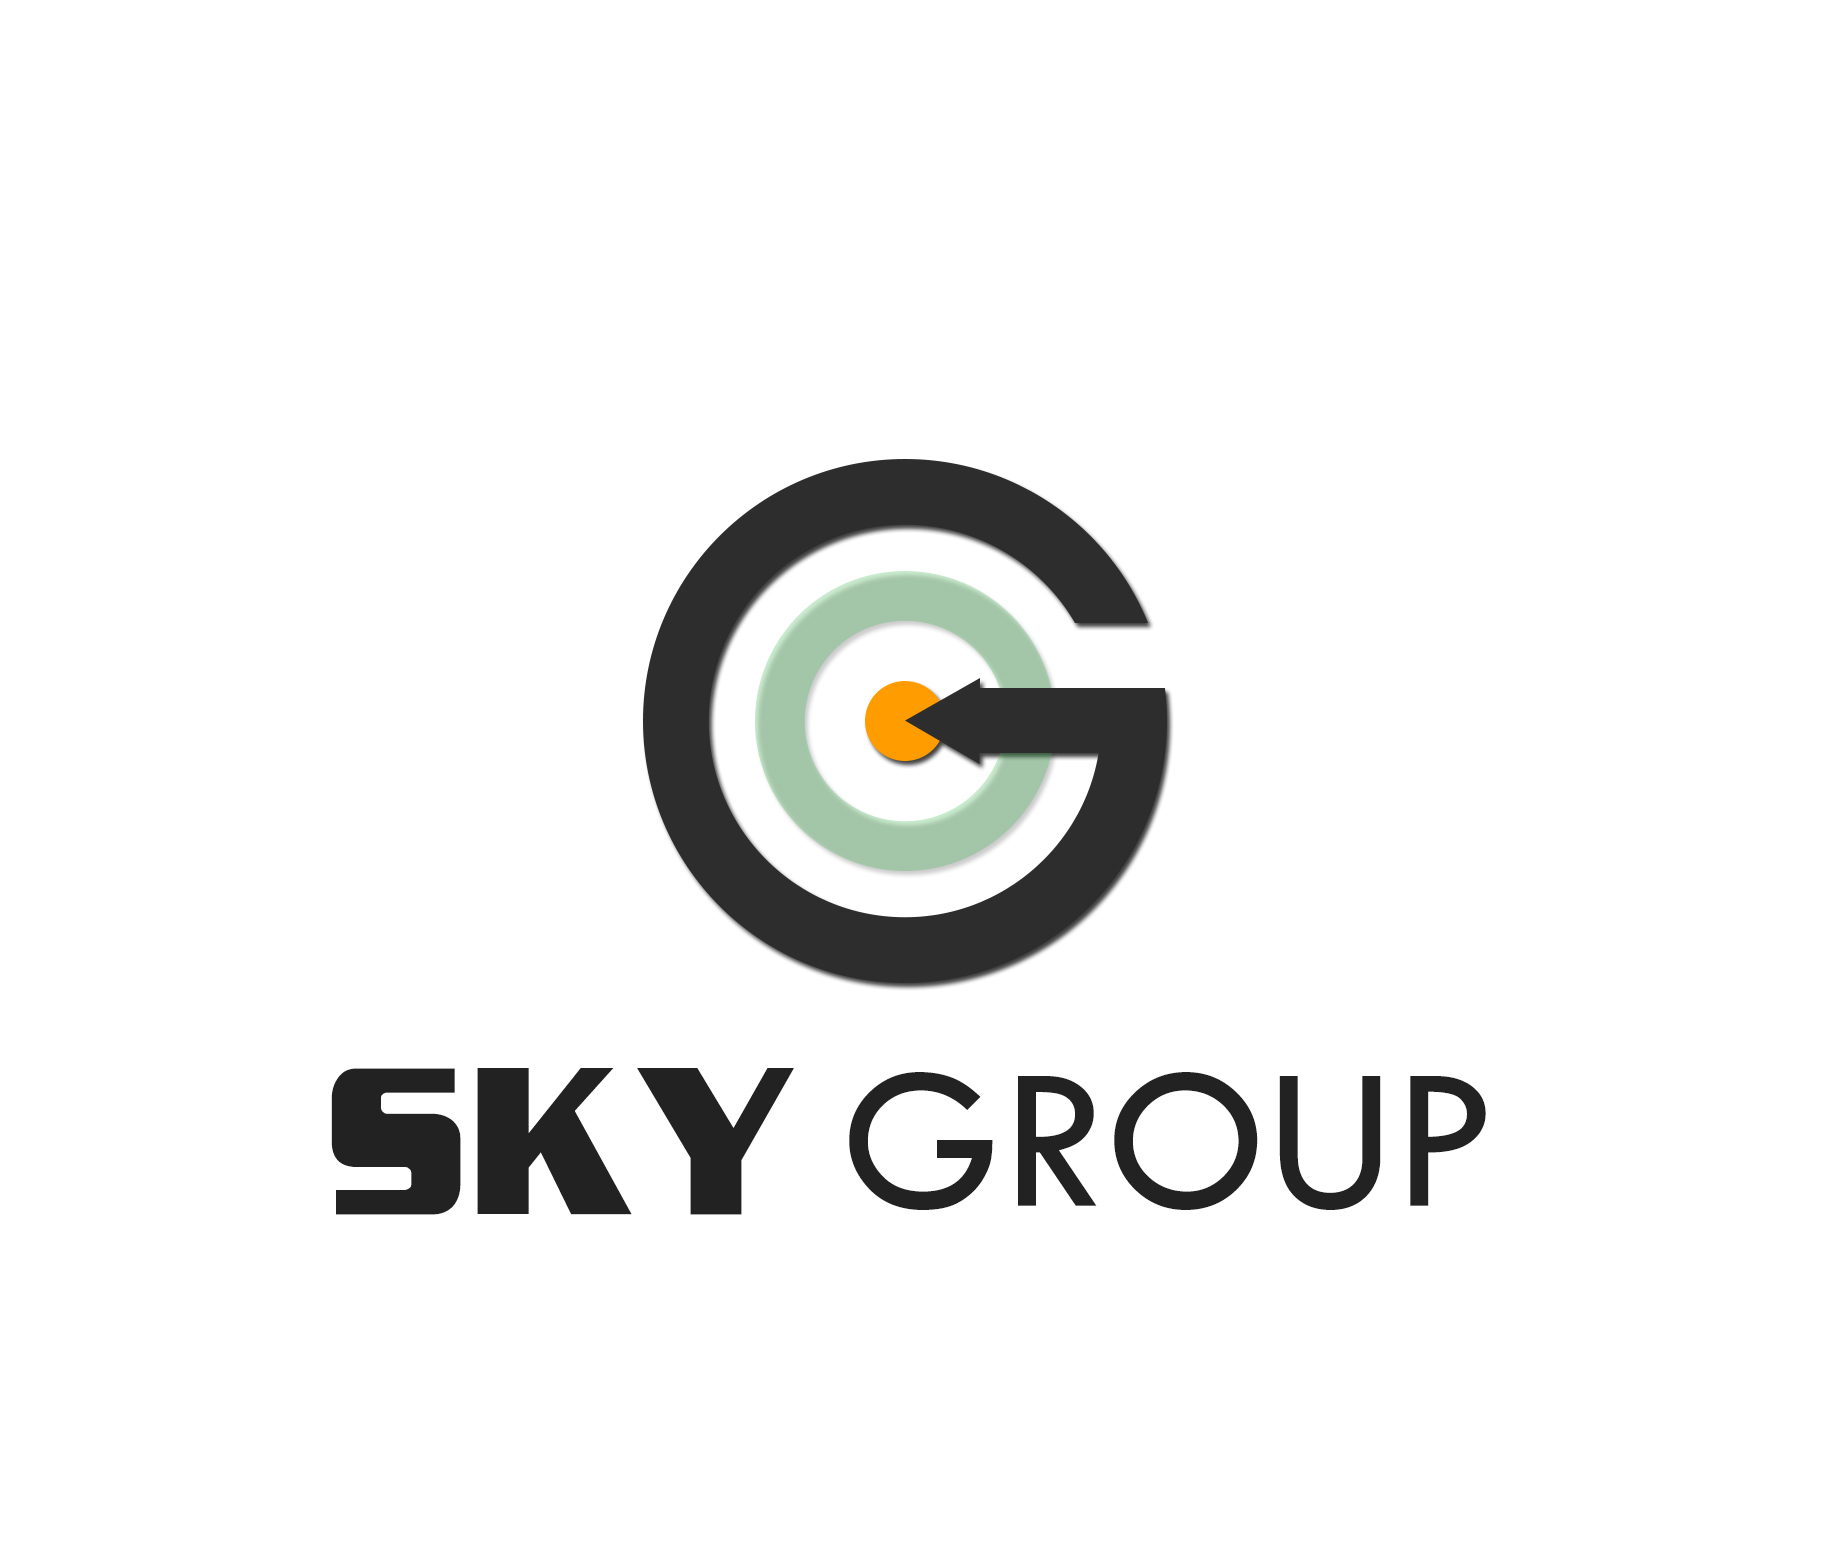 Новый логотип для производственной компании фото f_1205a8570ea9270e.jpg